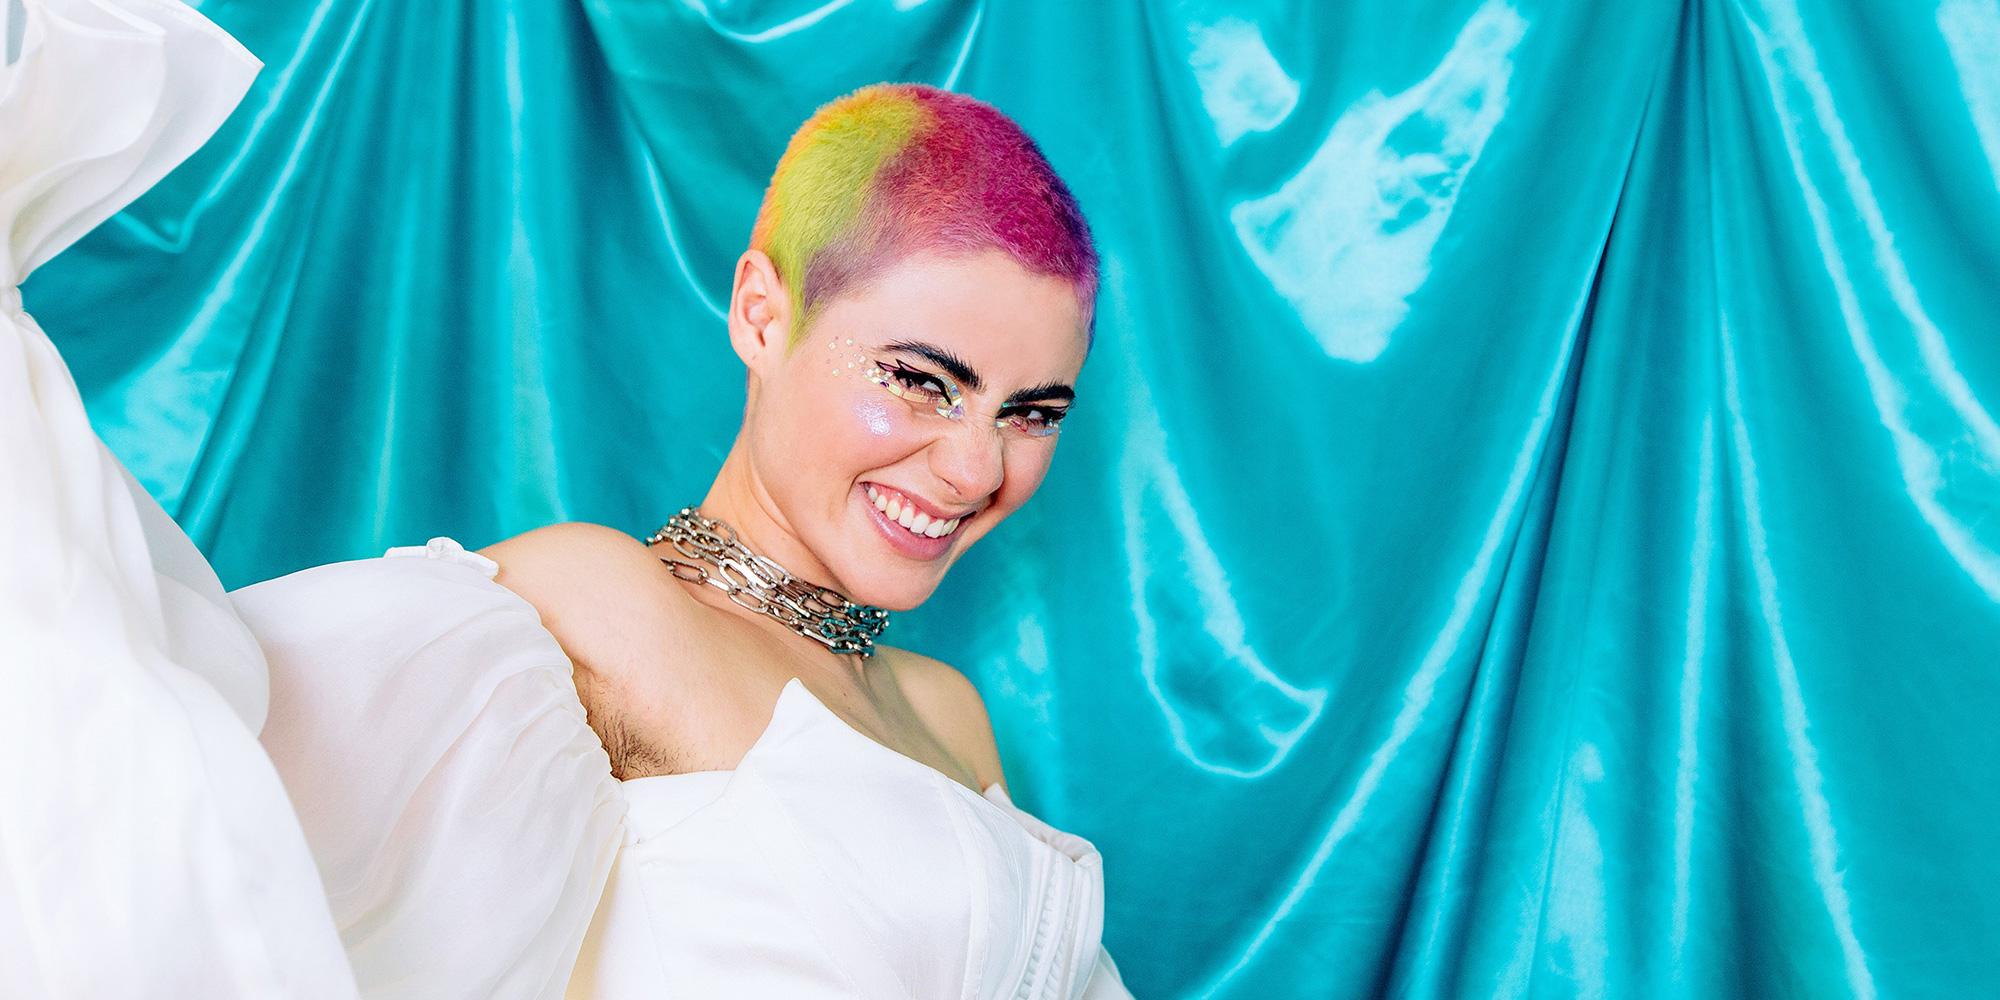 Noje_210512_Eurovision_Australien2